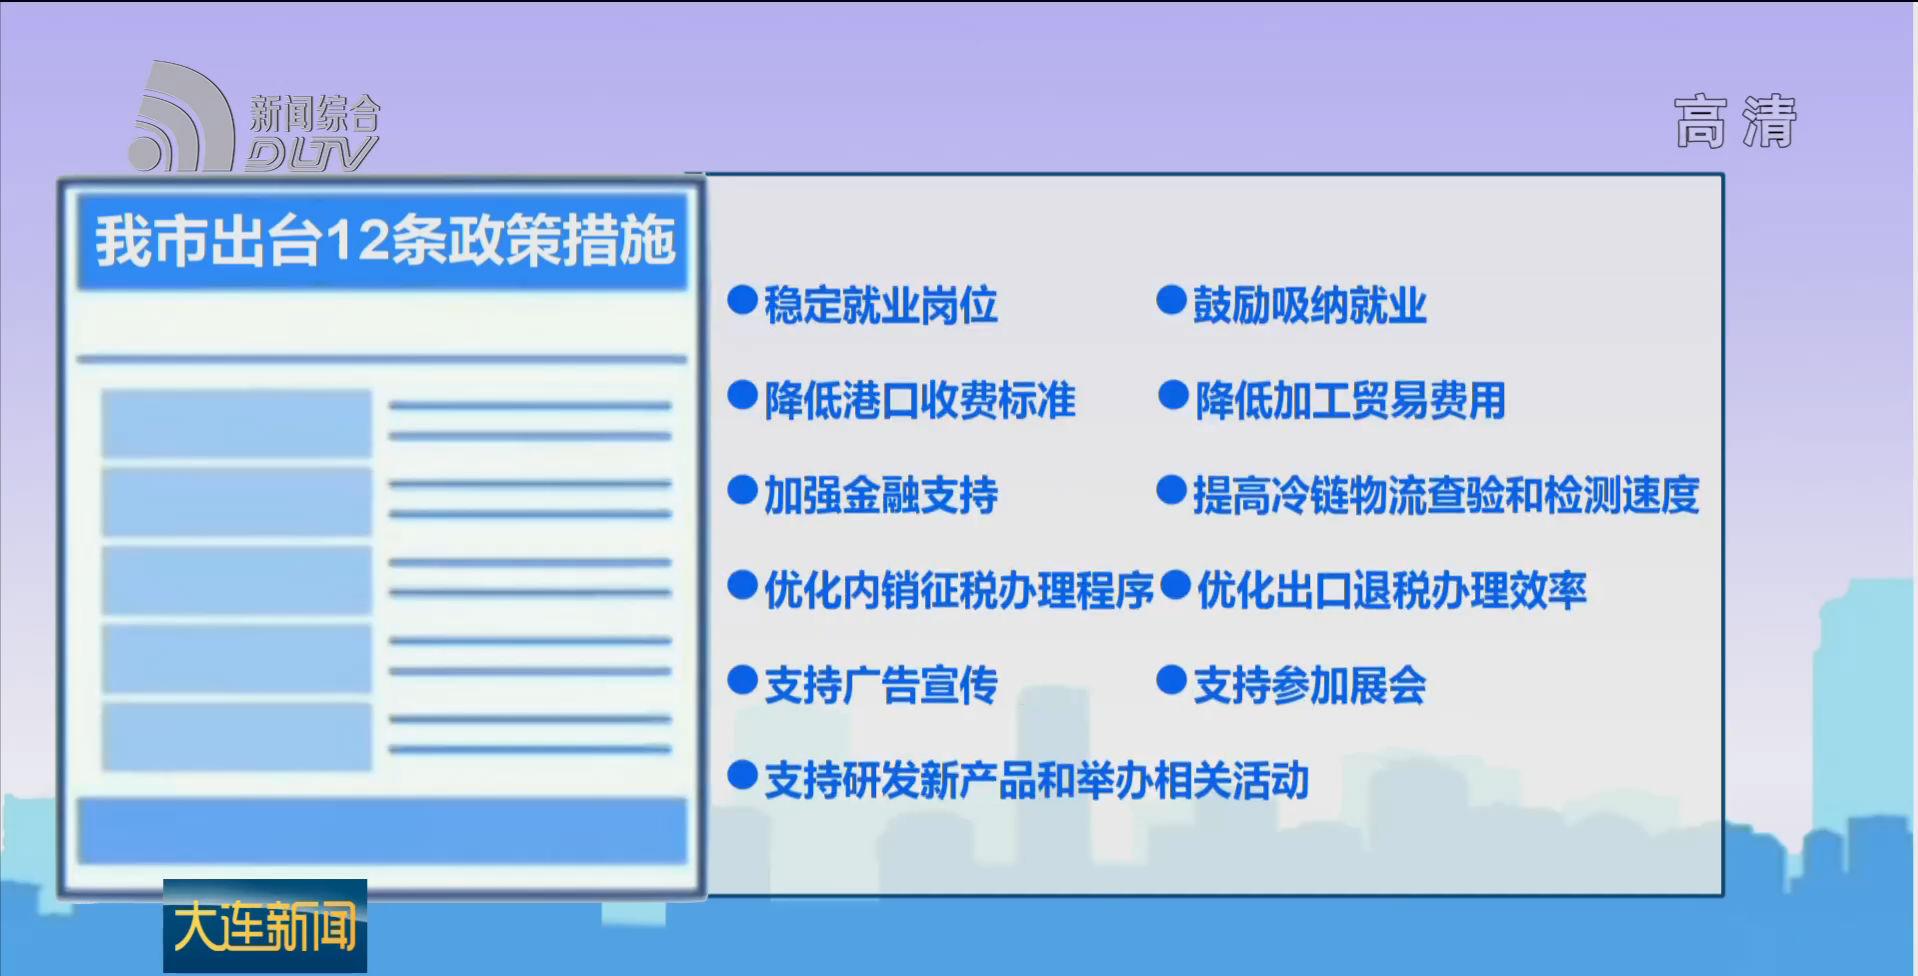 12條硬核措施護航水產冷鏈產業